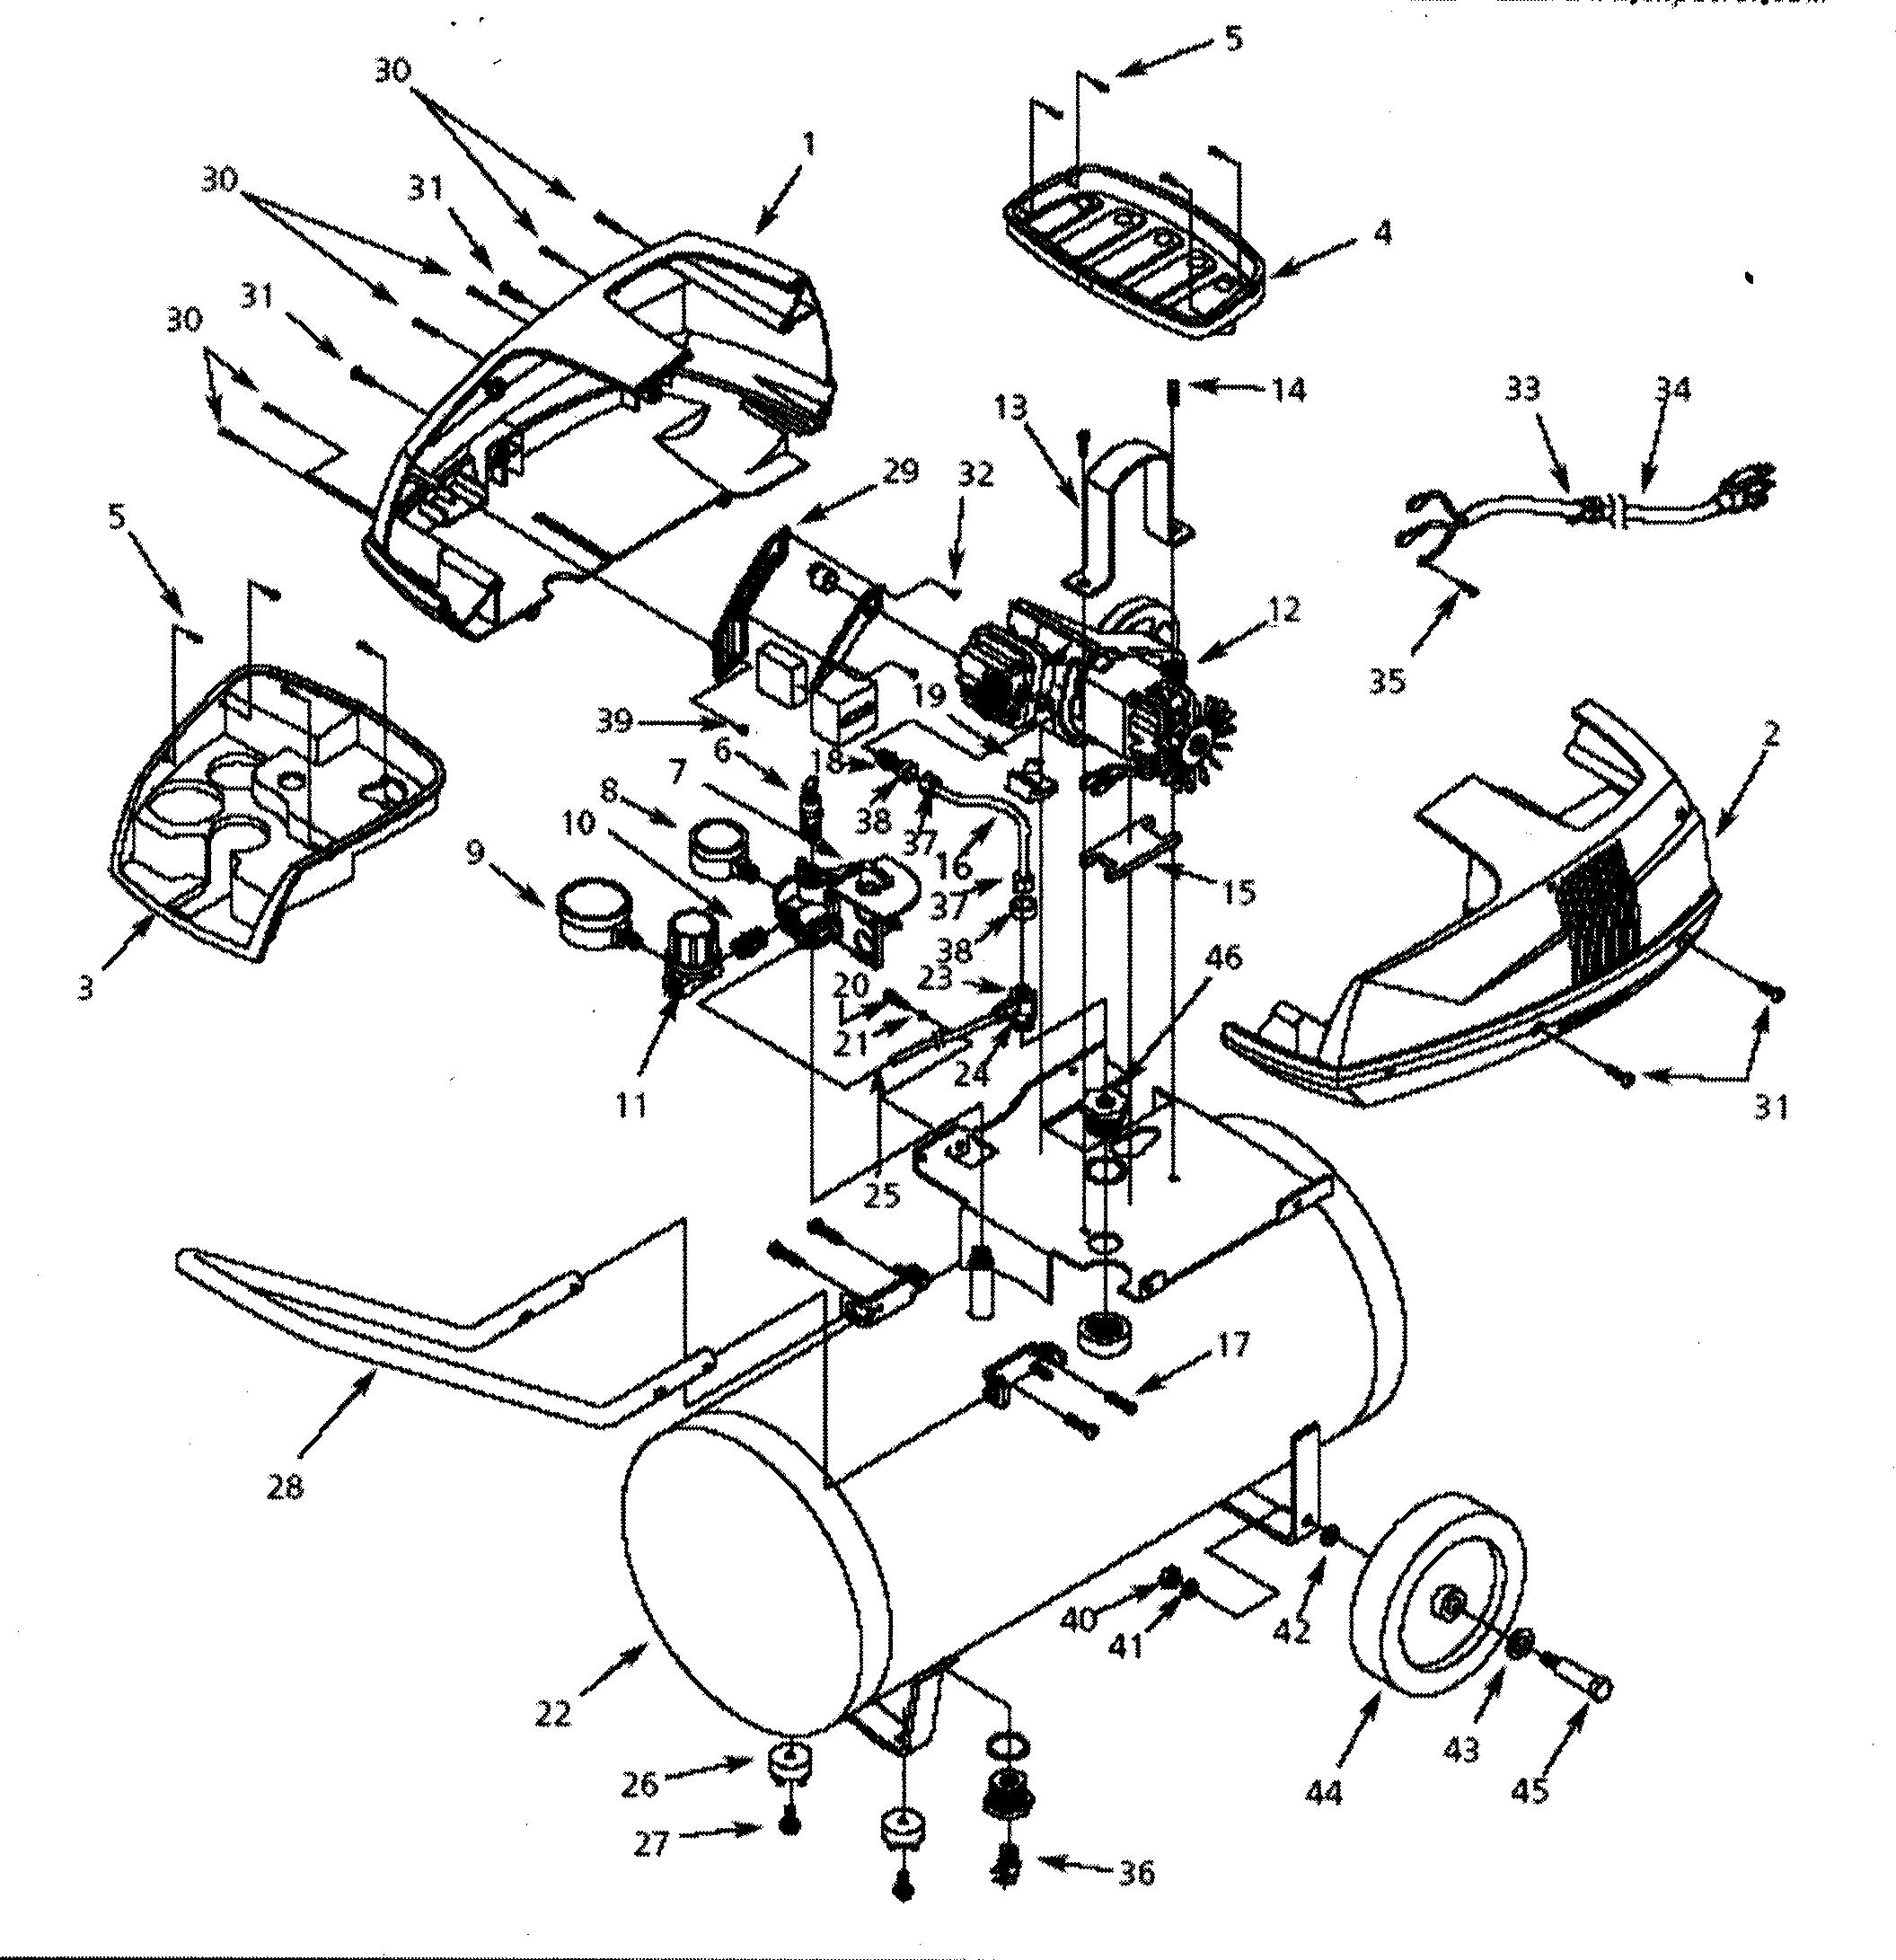 Campbell Hausfeld Air Compressor Parts Diagram Looking For Campbell Hausfeld Model Fp220700 Air Compressor Repair